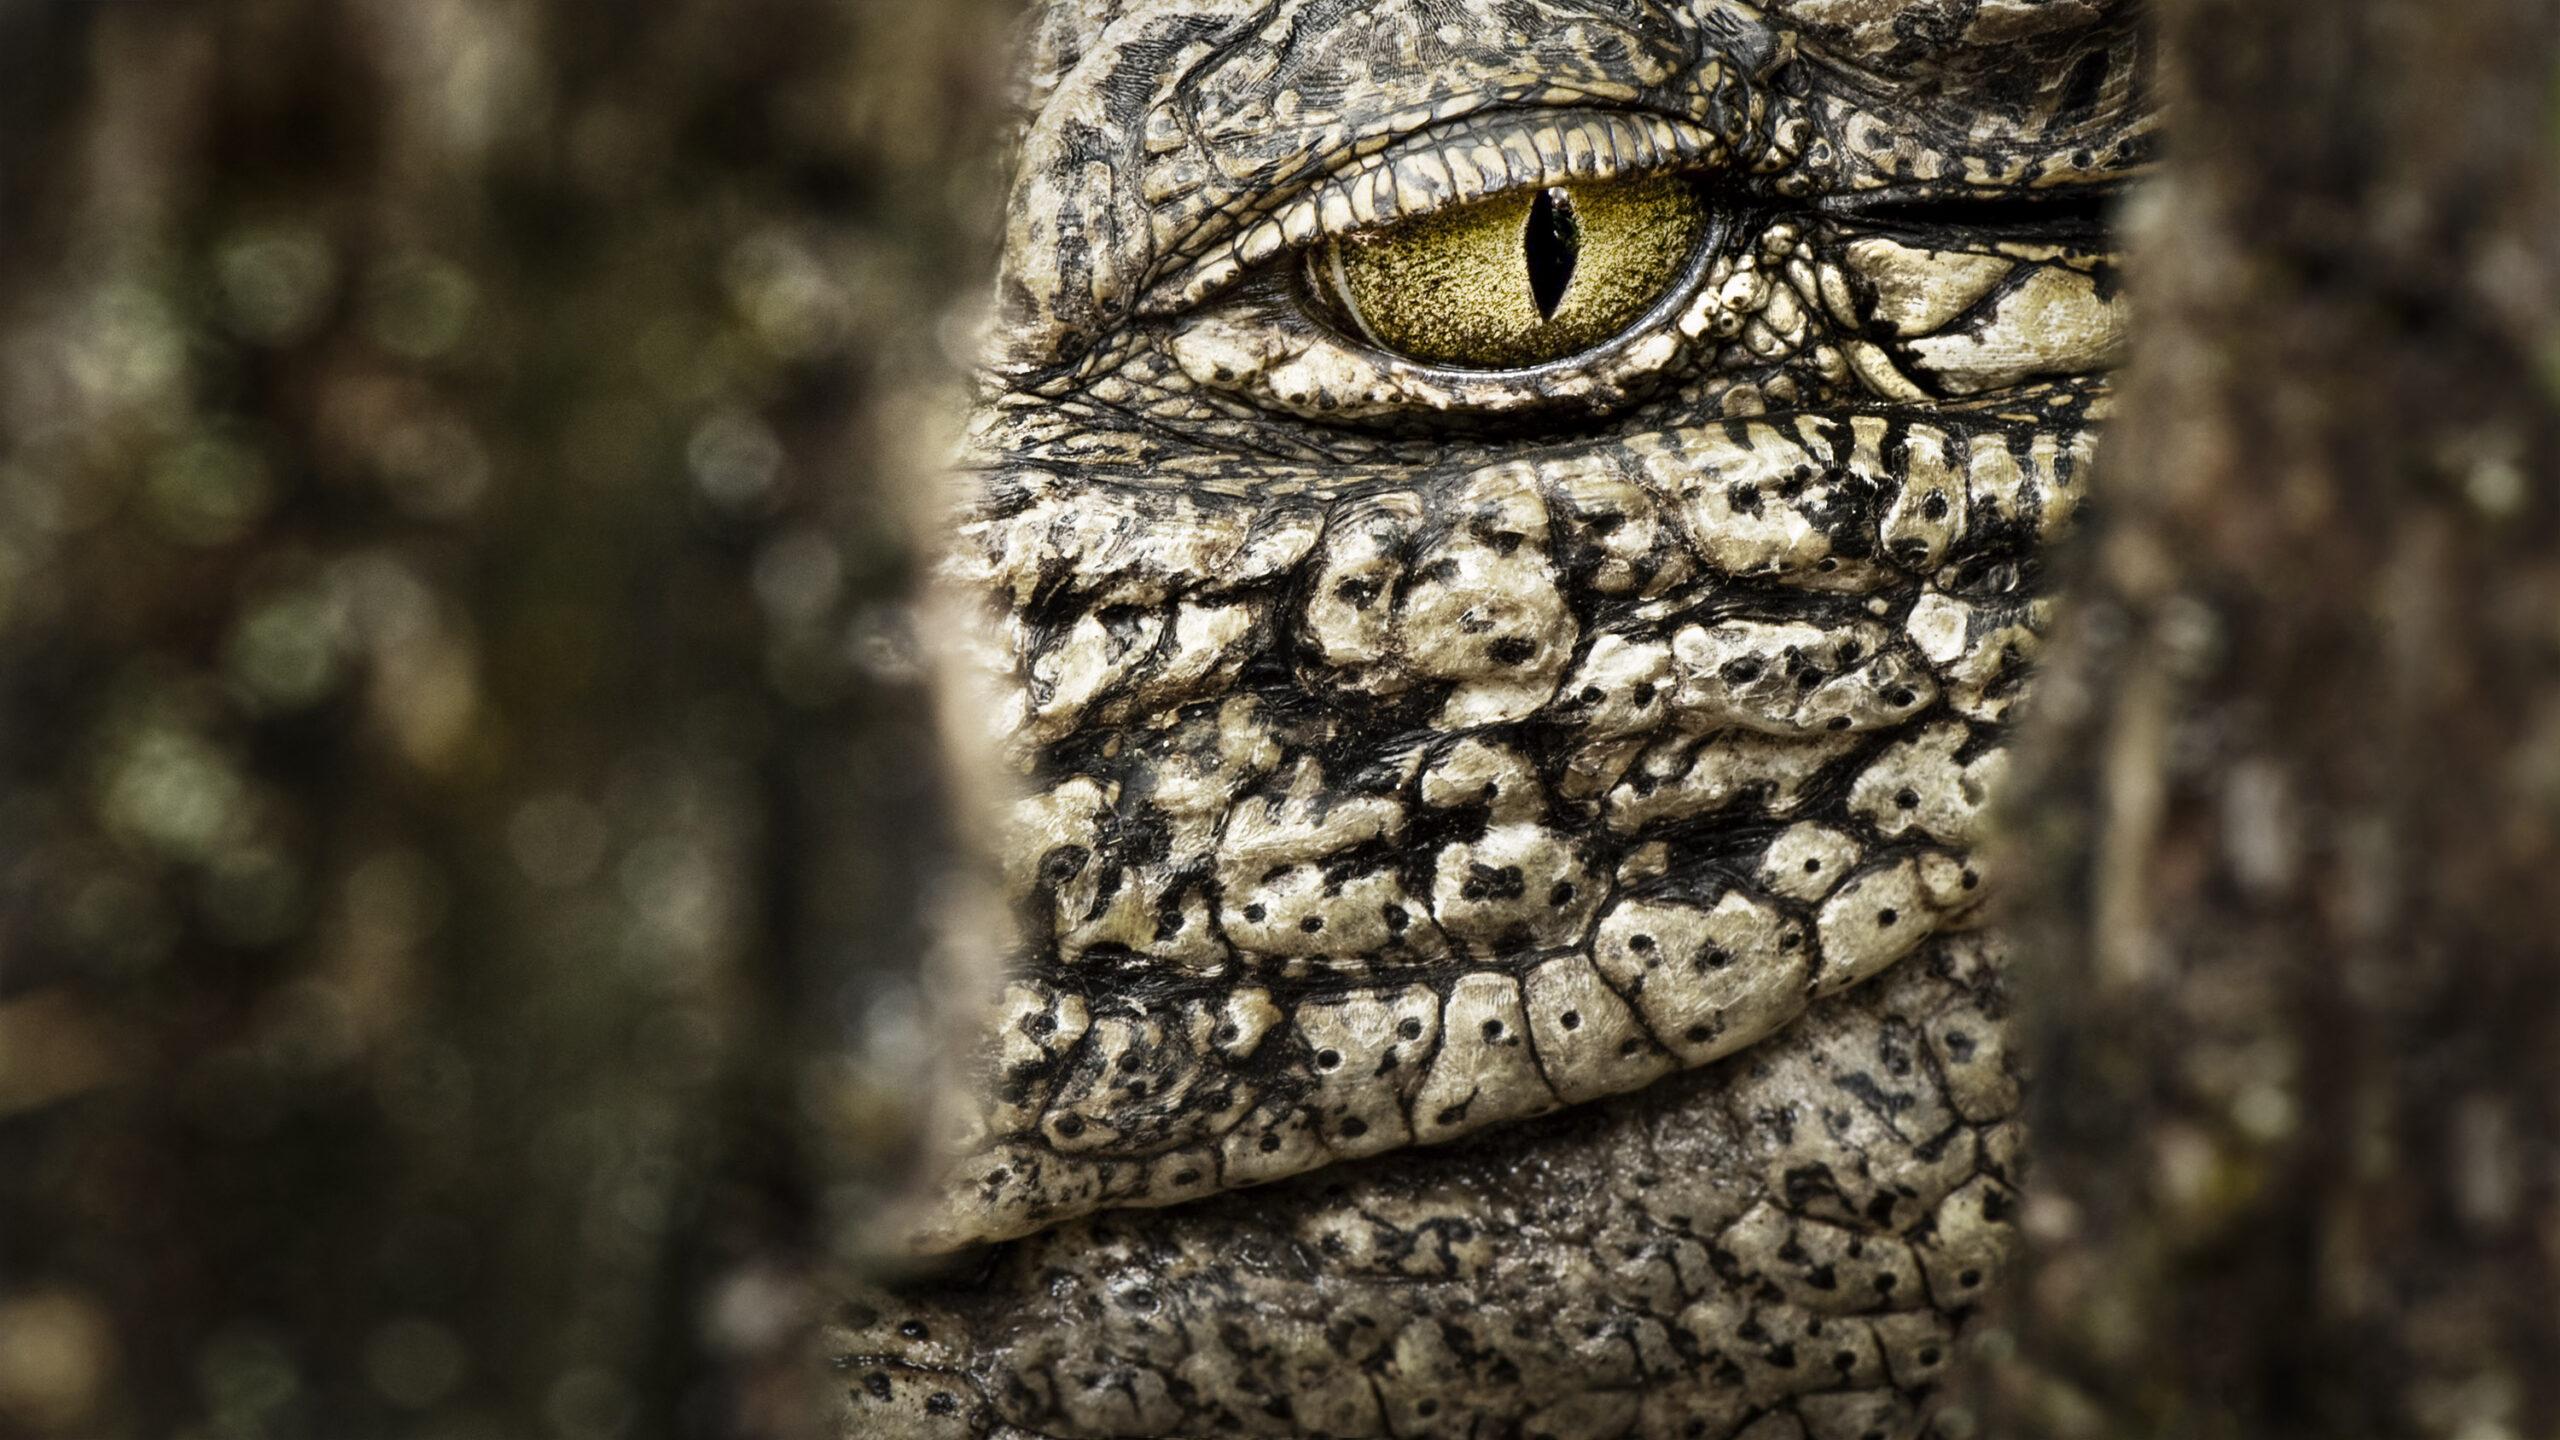 Crocodile's ambush